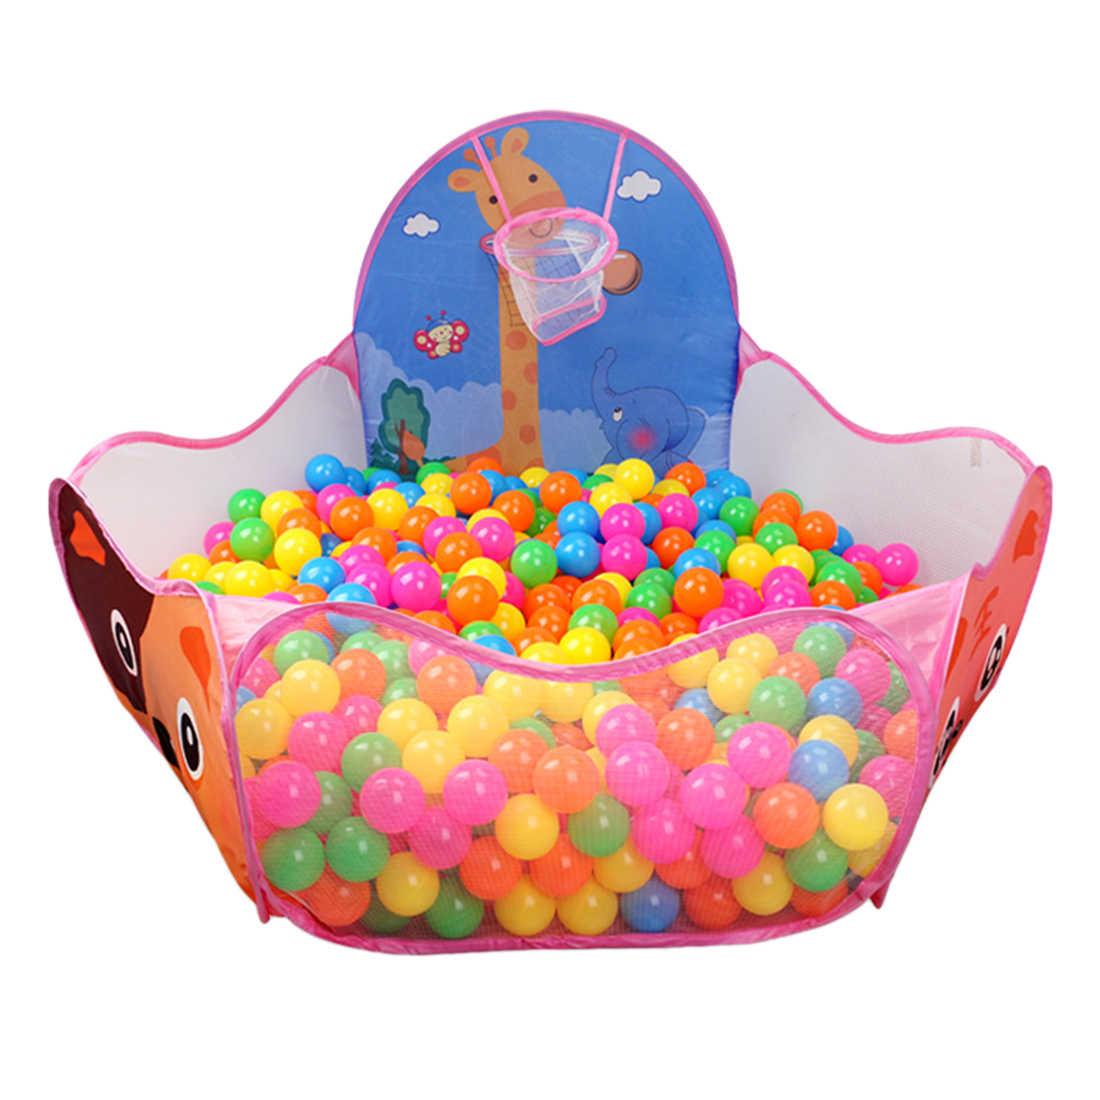 Portabel Cute Hexagon Polka Dot Anak-anak Boks Bola Pit Indoor dan Outdoor Mudah Lipat Bermain Tenda Rumah dengan Tote Bag -Berwarna Merah Muda